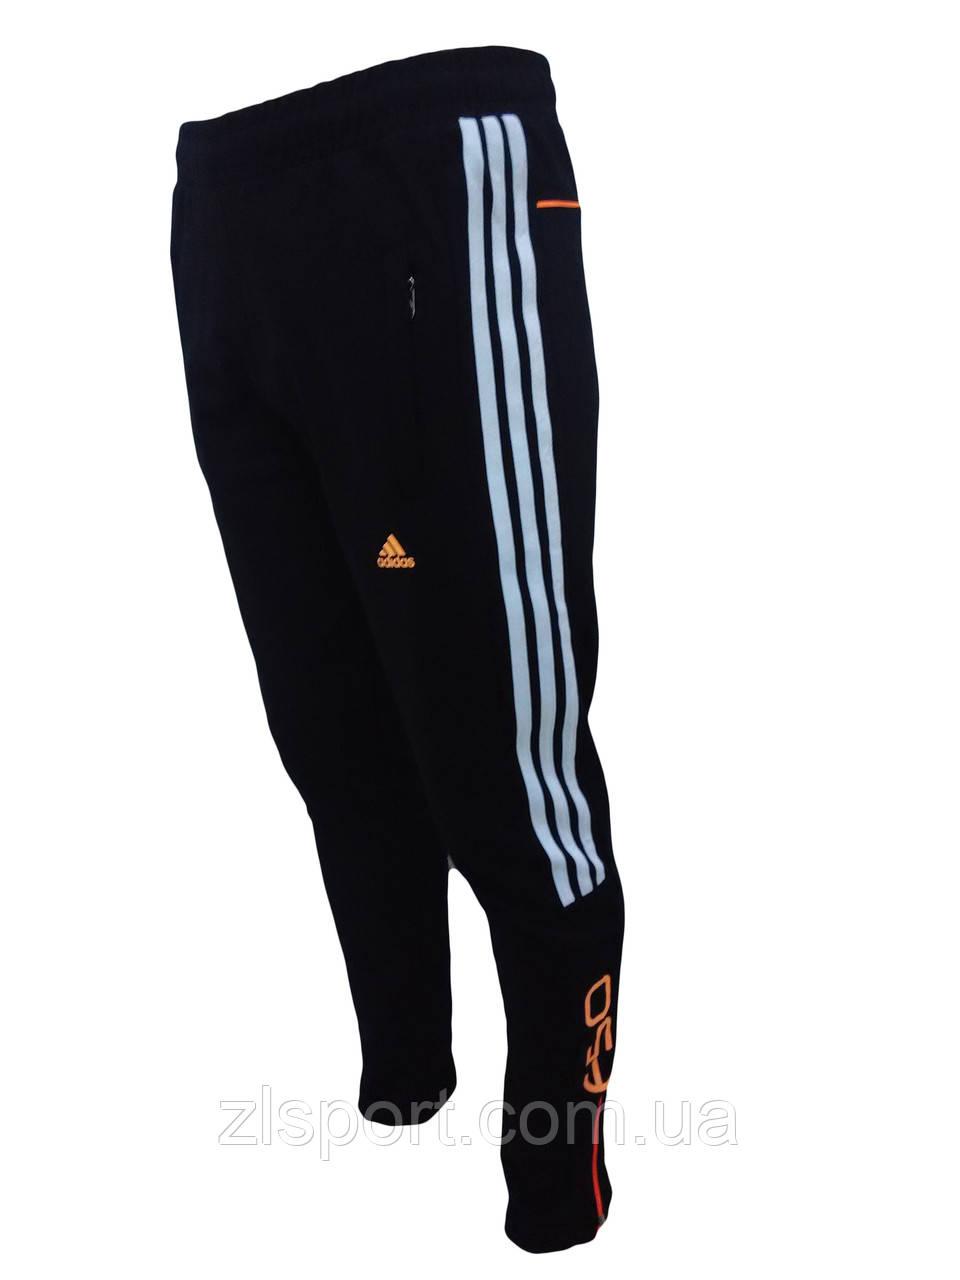 db4bb3295332 Мужские зауженные спортивные штаны Adidas F50 (футбольные) Турция